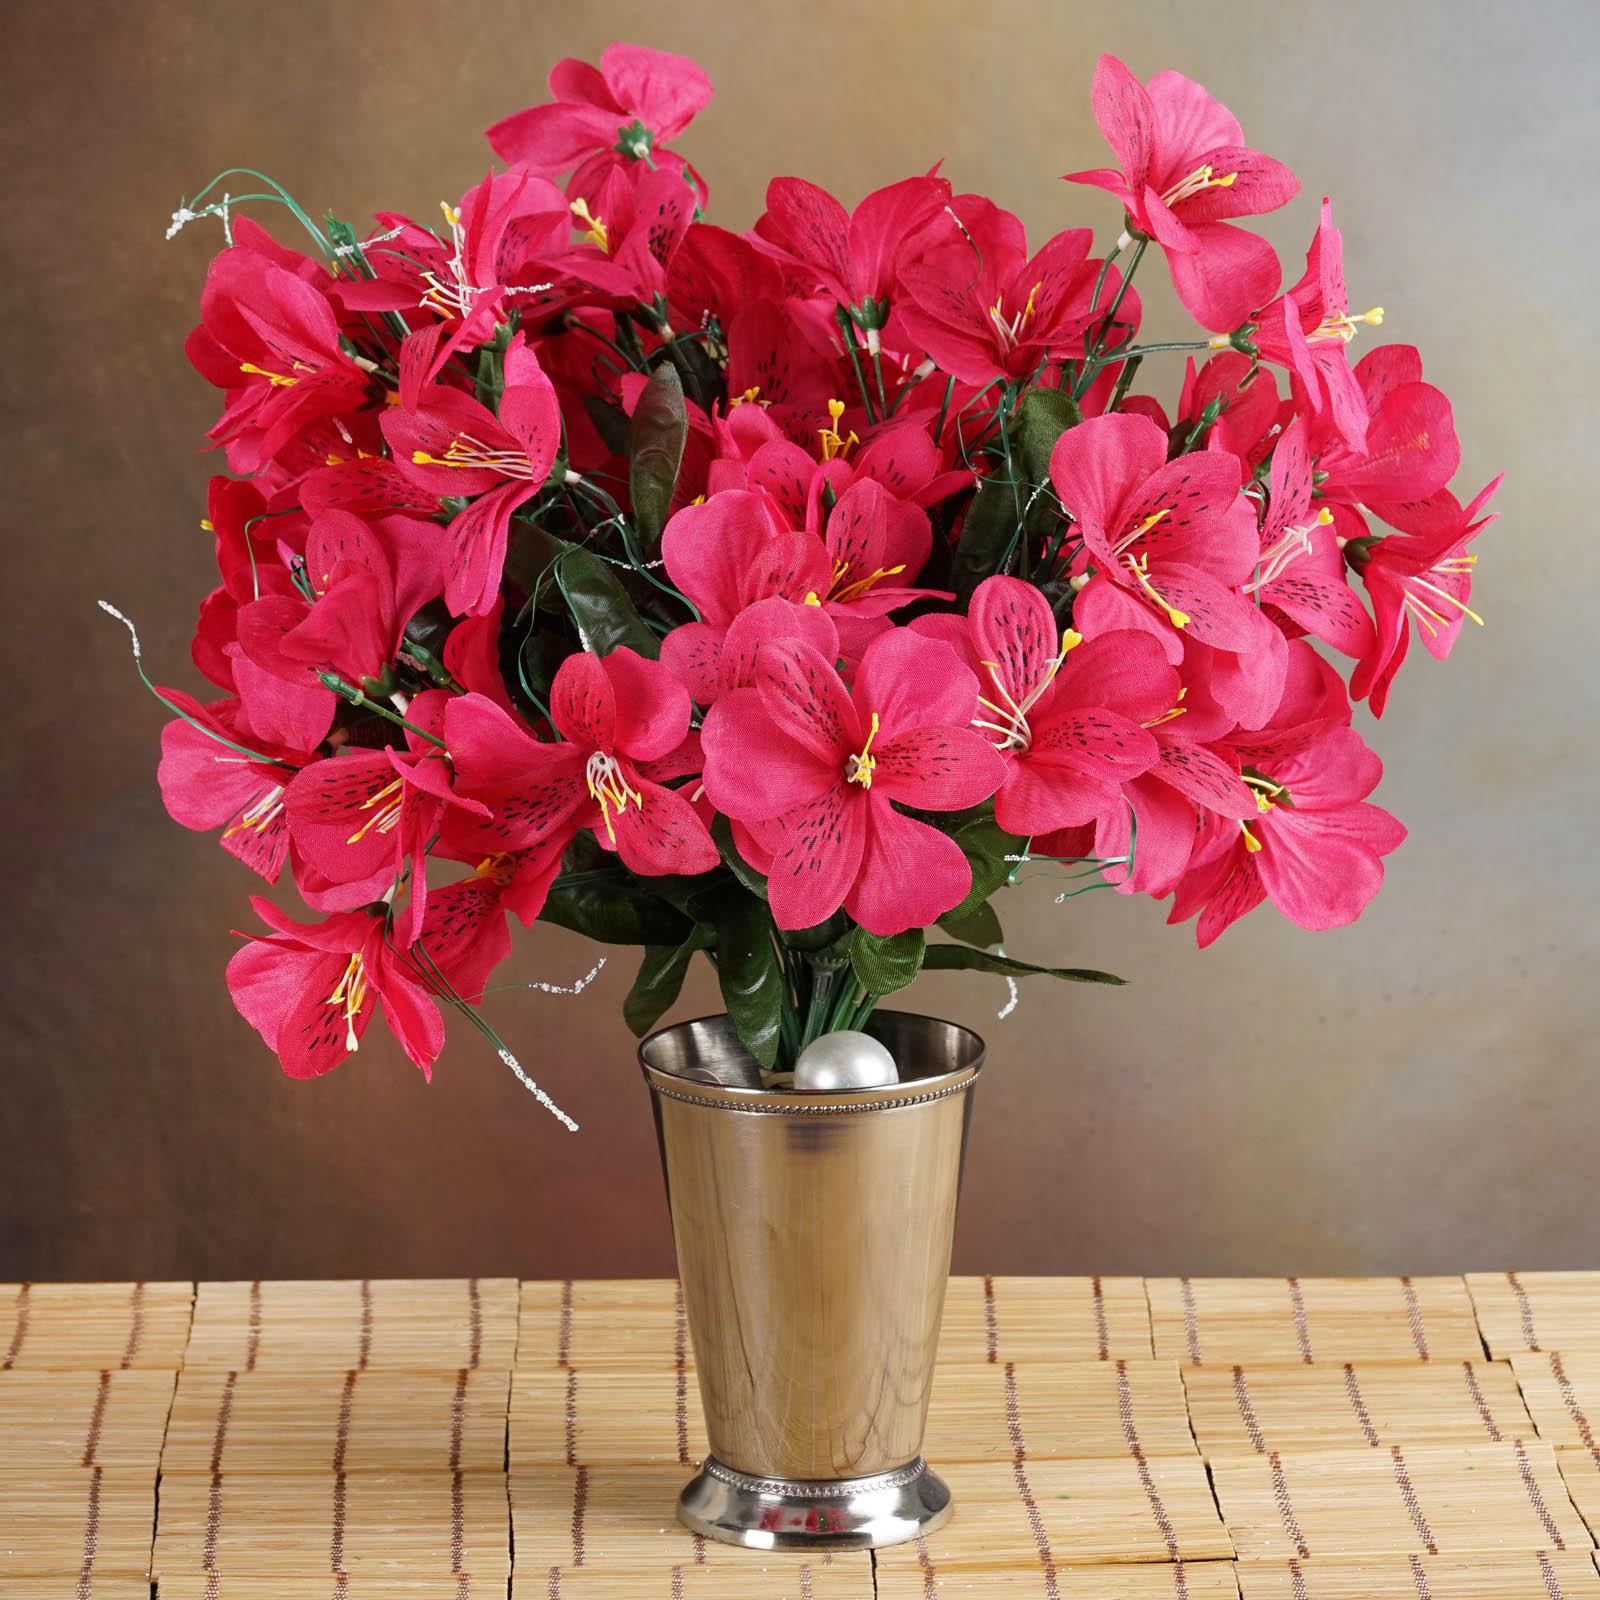 BalsaCircle 144 Silk Mini Primrose Flowers - DIY Home Wedding Party Artificial Bouquets Arrangements Centerpieces